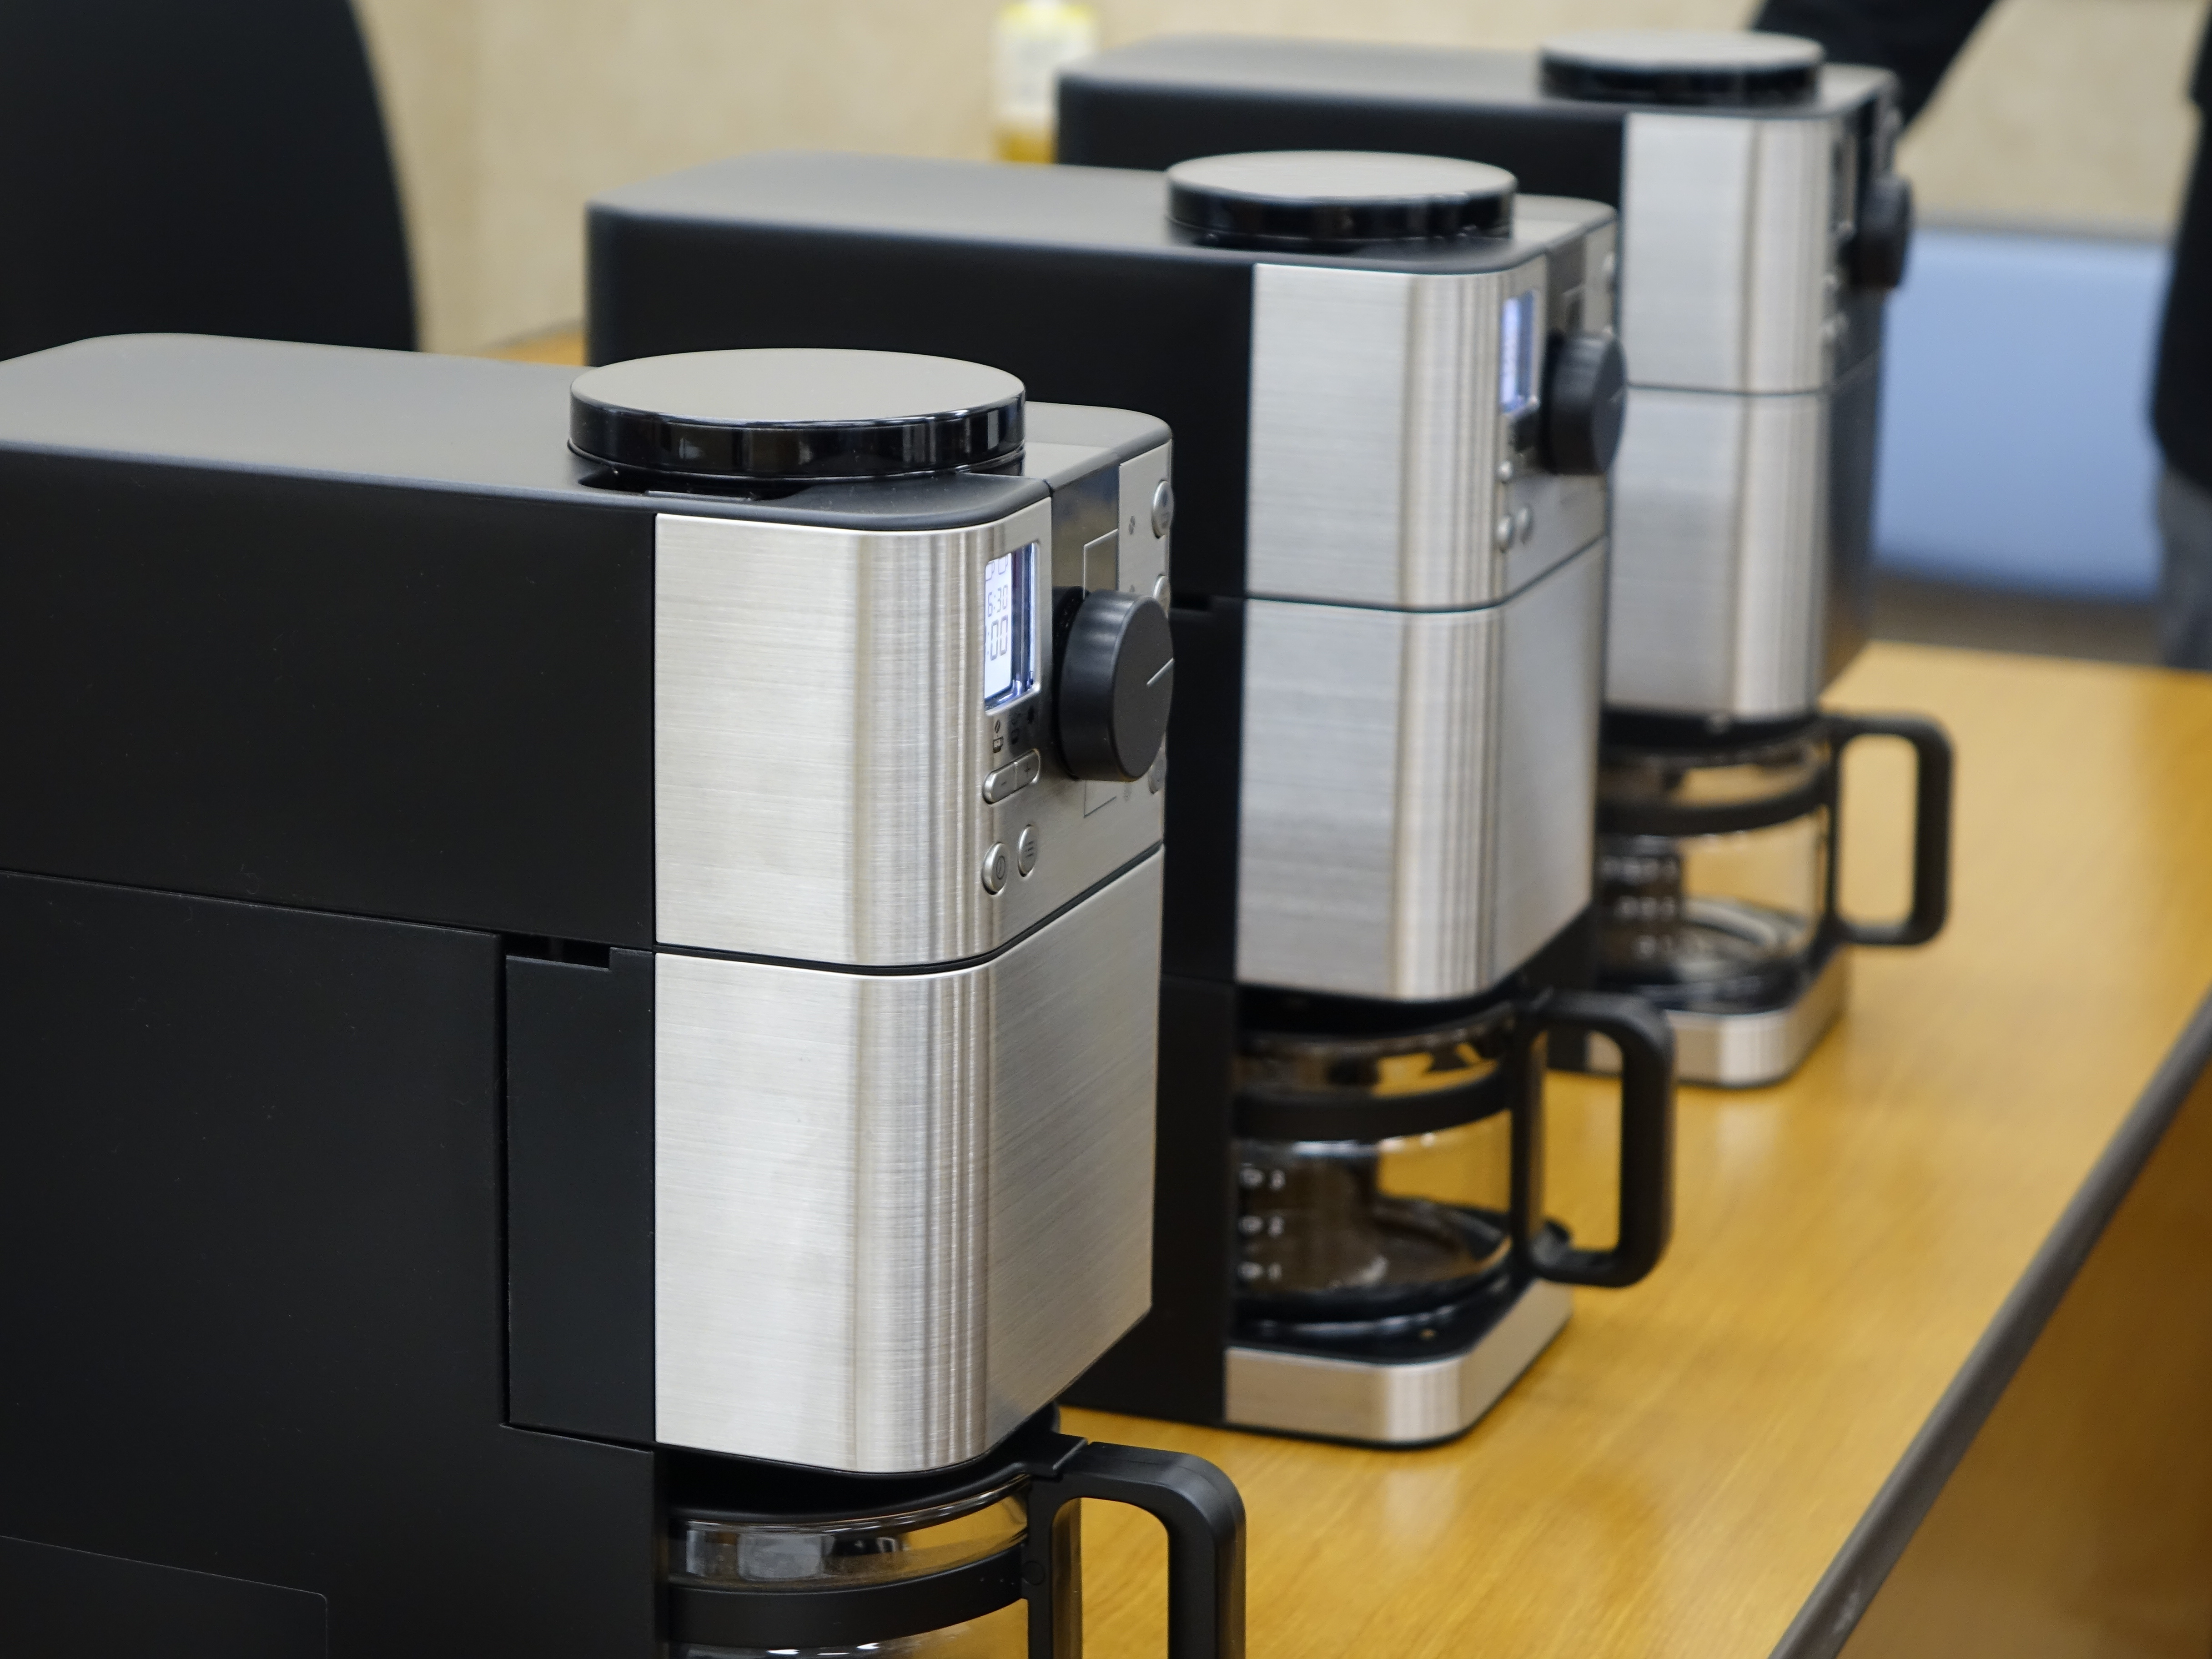 無印良品の豆から挽けるコーヒーメーカーをレポート